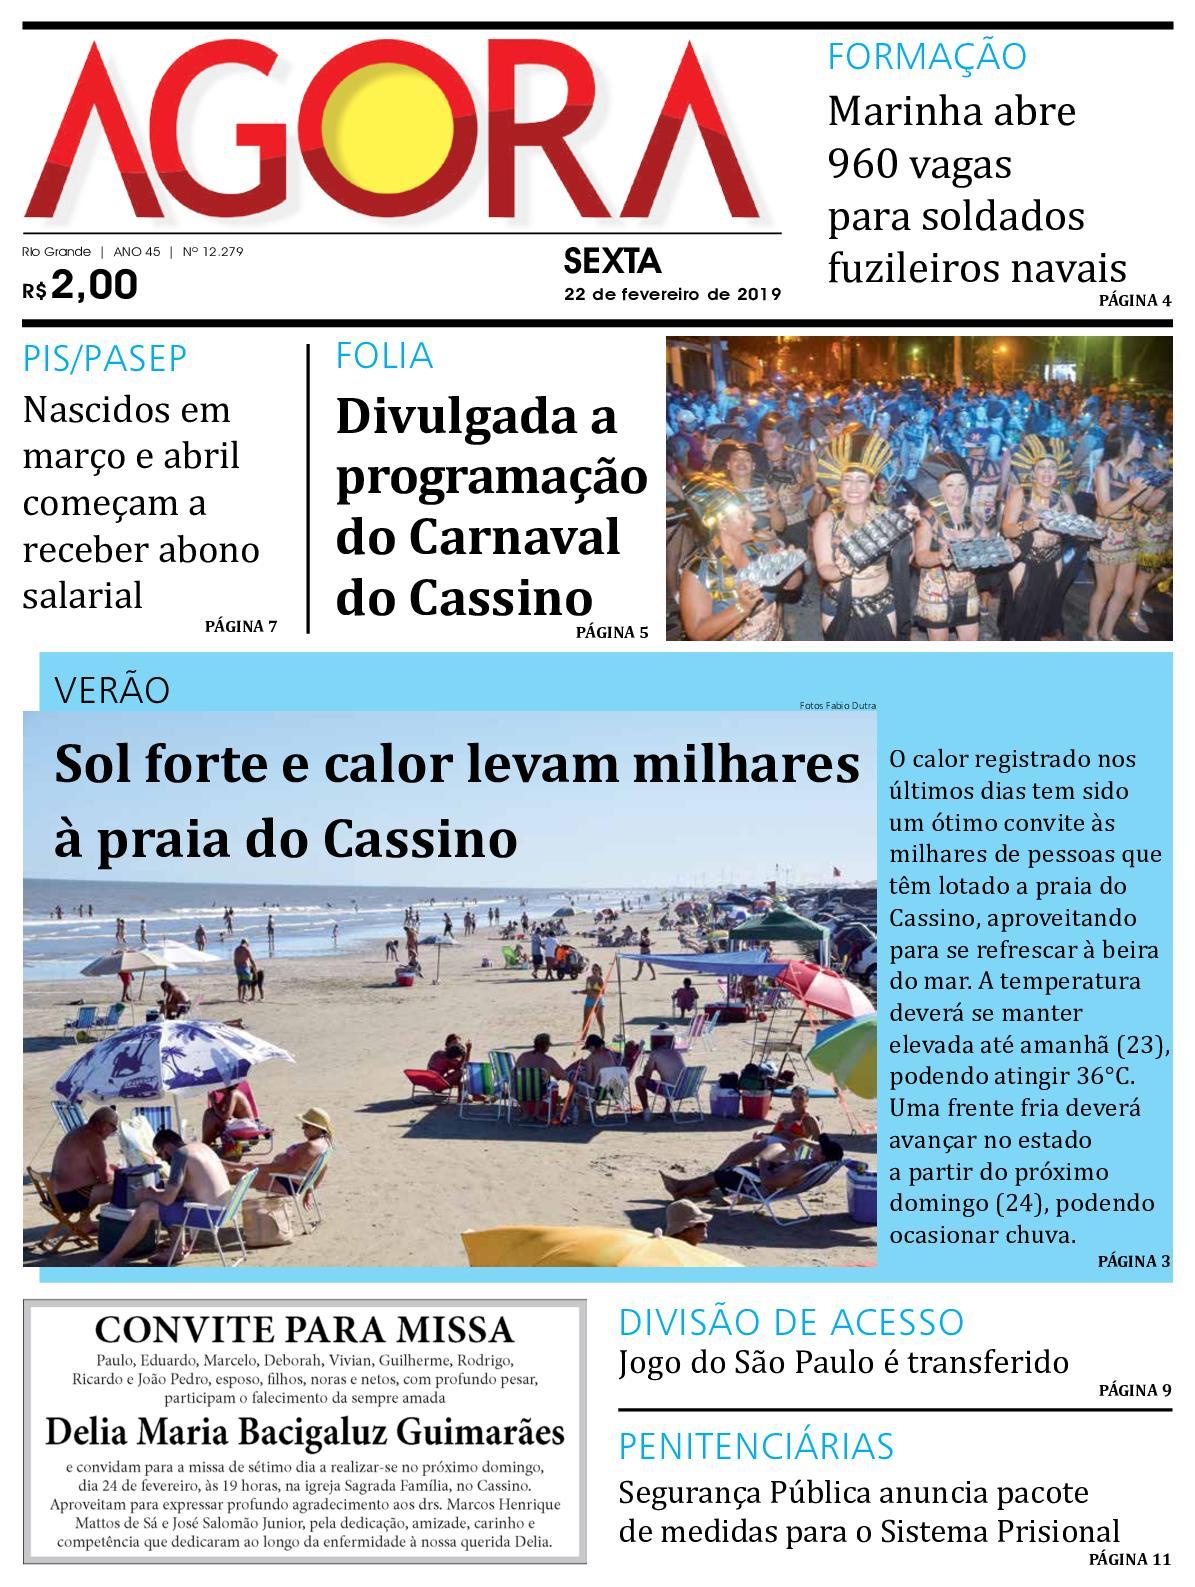 92c3911bbb32 Calaméo - Jornal Agora - Edição 12279 - 22 de Fevereiro de 2019